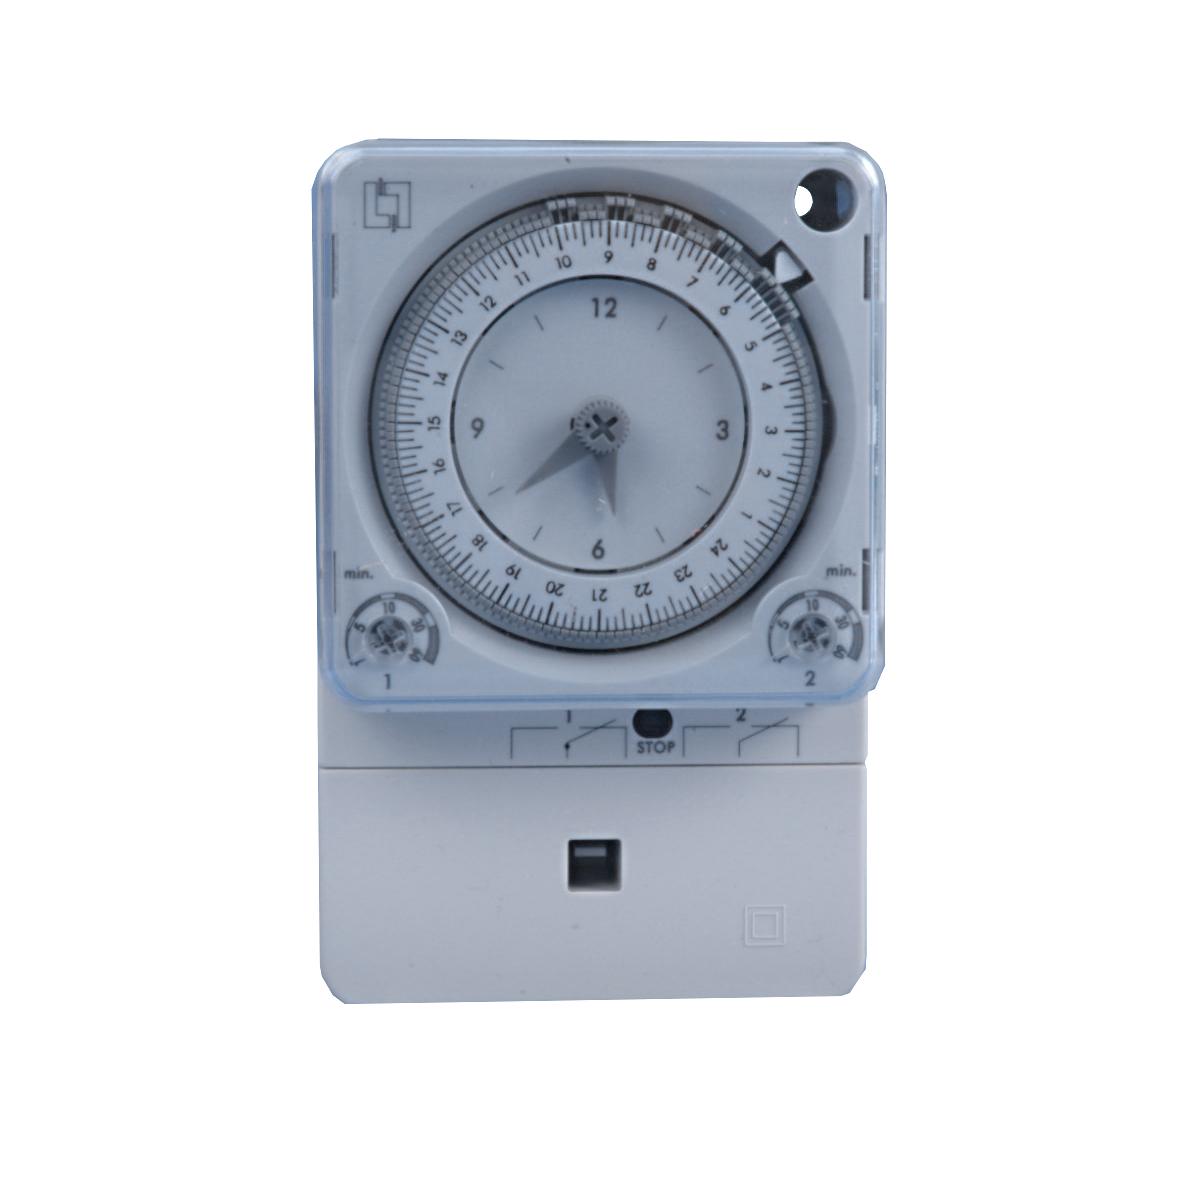 LEGRAND PolarRex KKT  นาฬิกาตั้งเวลา สำหรับเครื่องเย็น